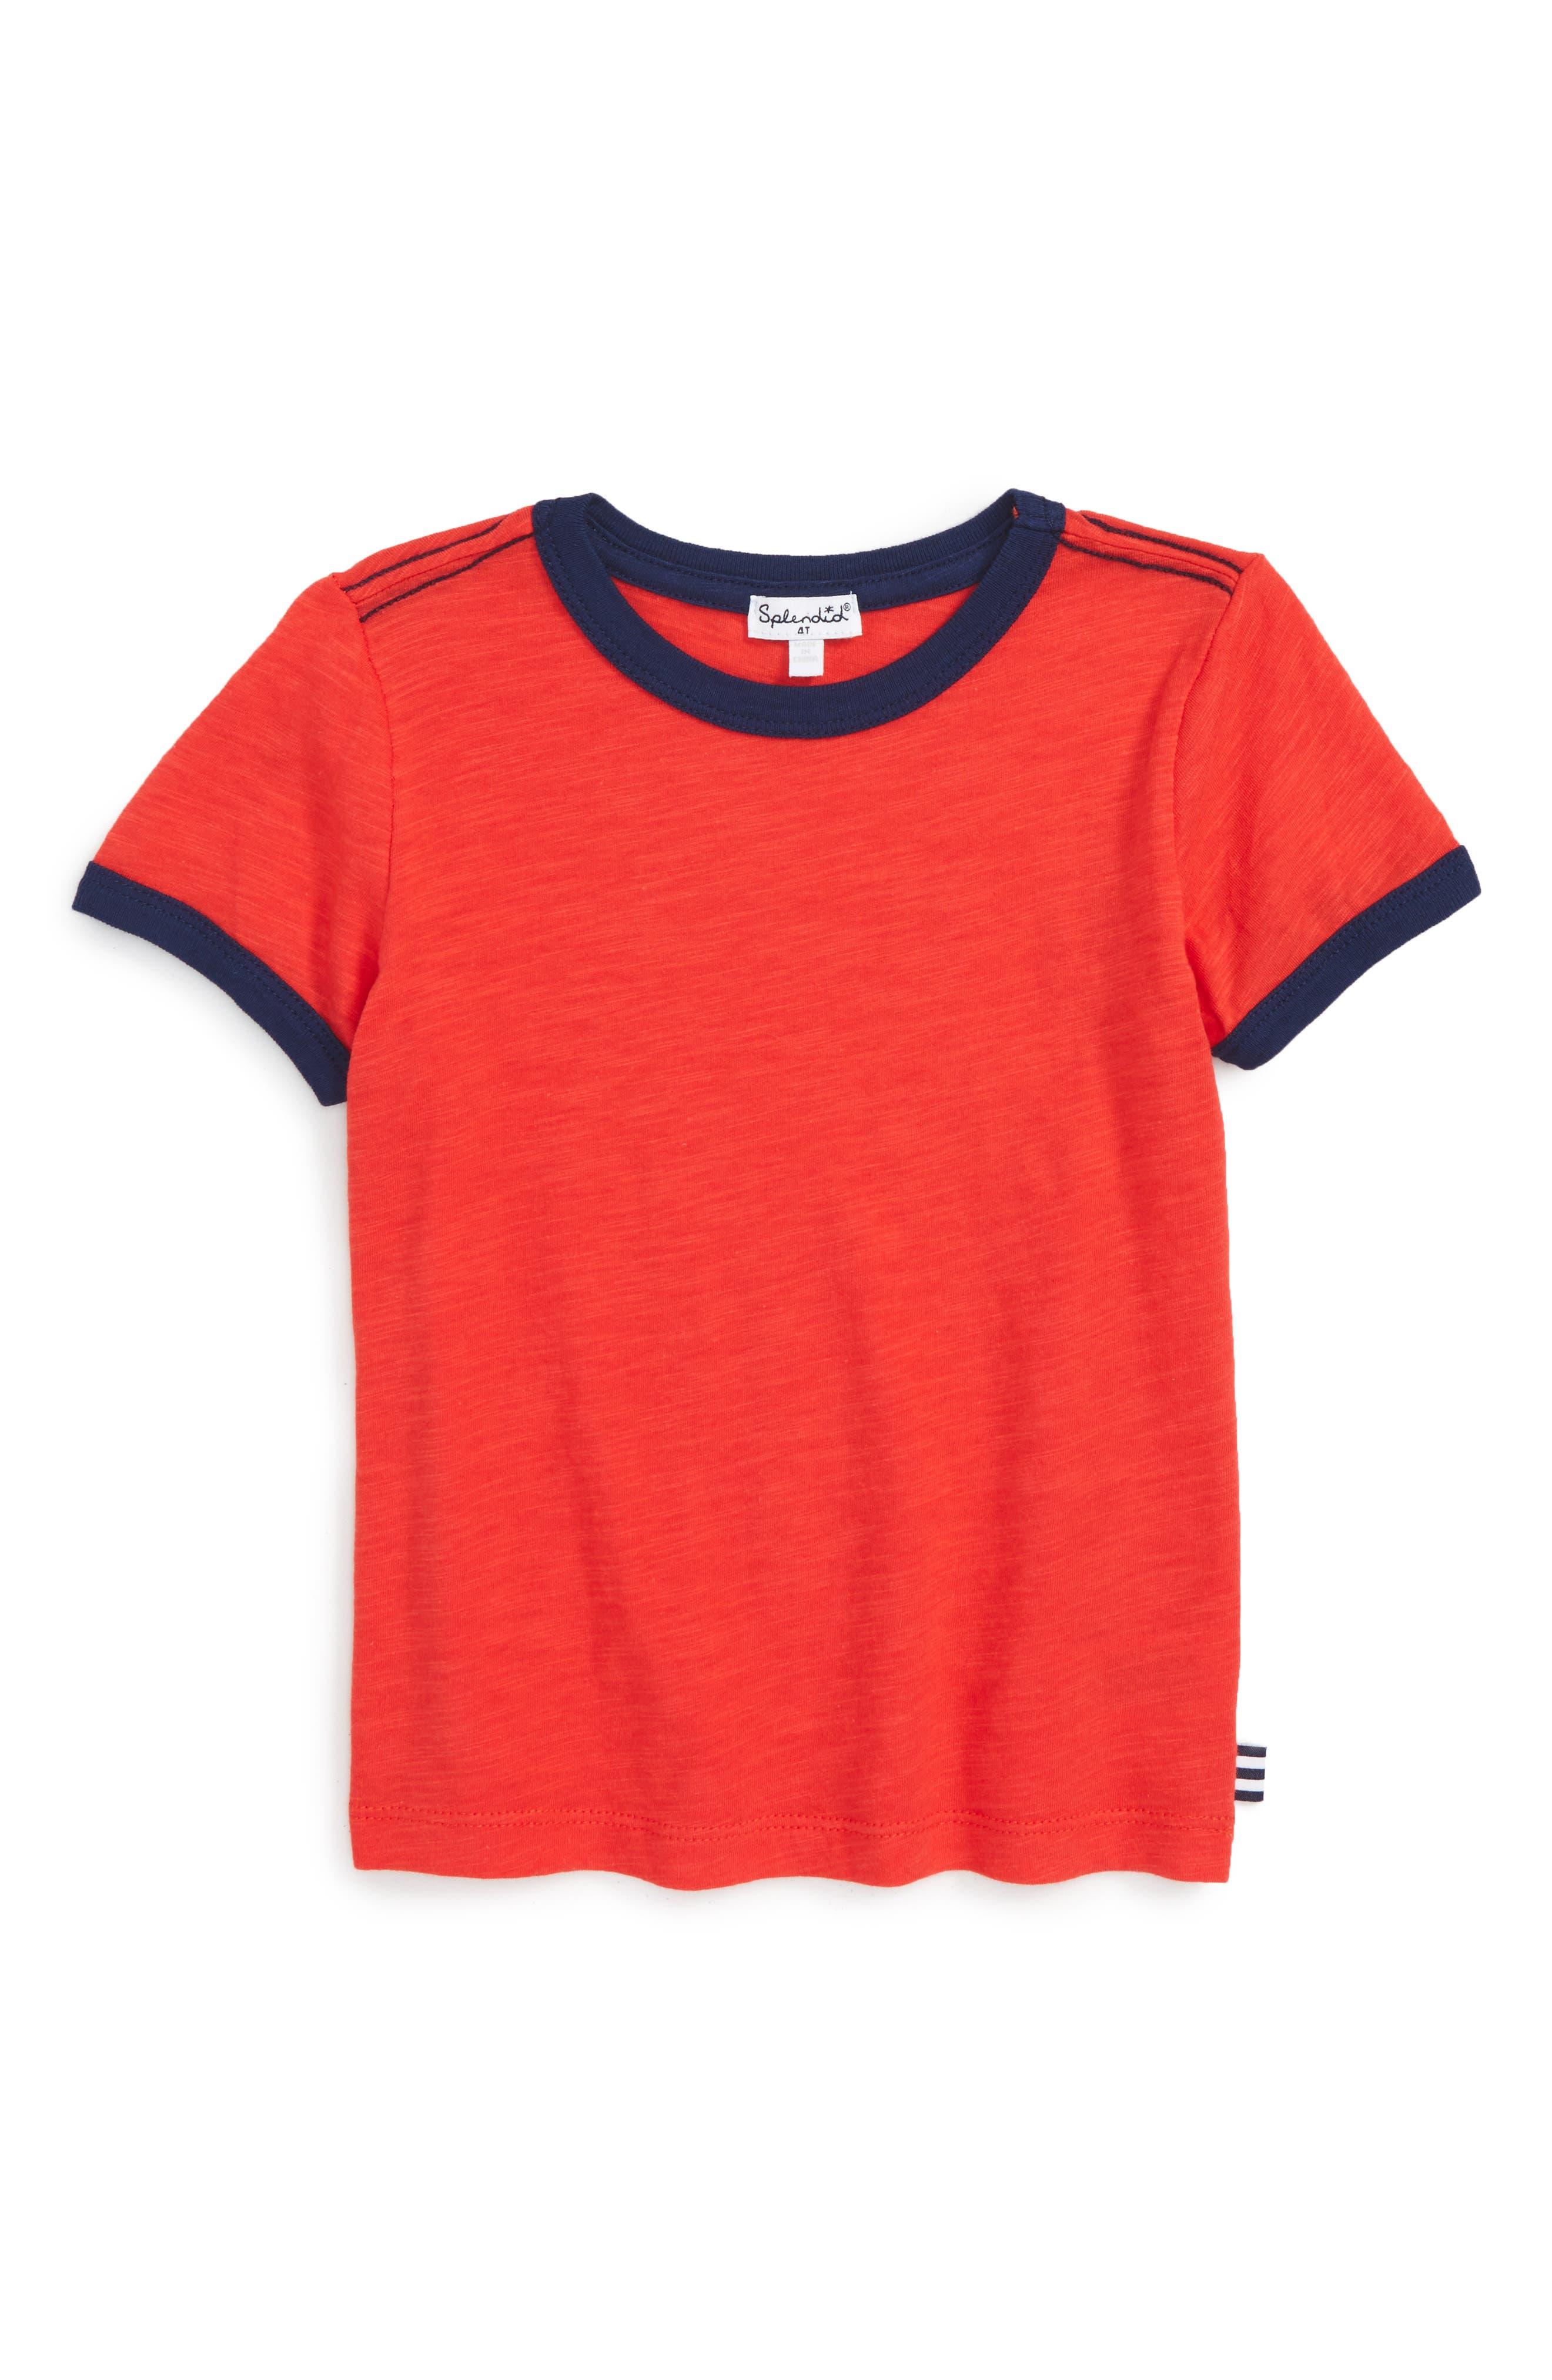 Splendid Ringer T-Shirt (Toddler Boys & Little Boys)